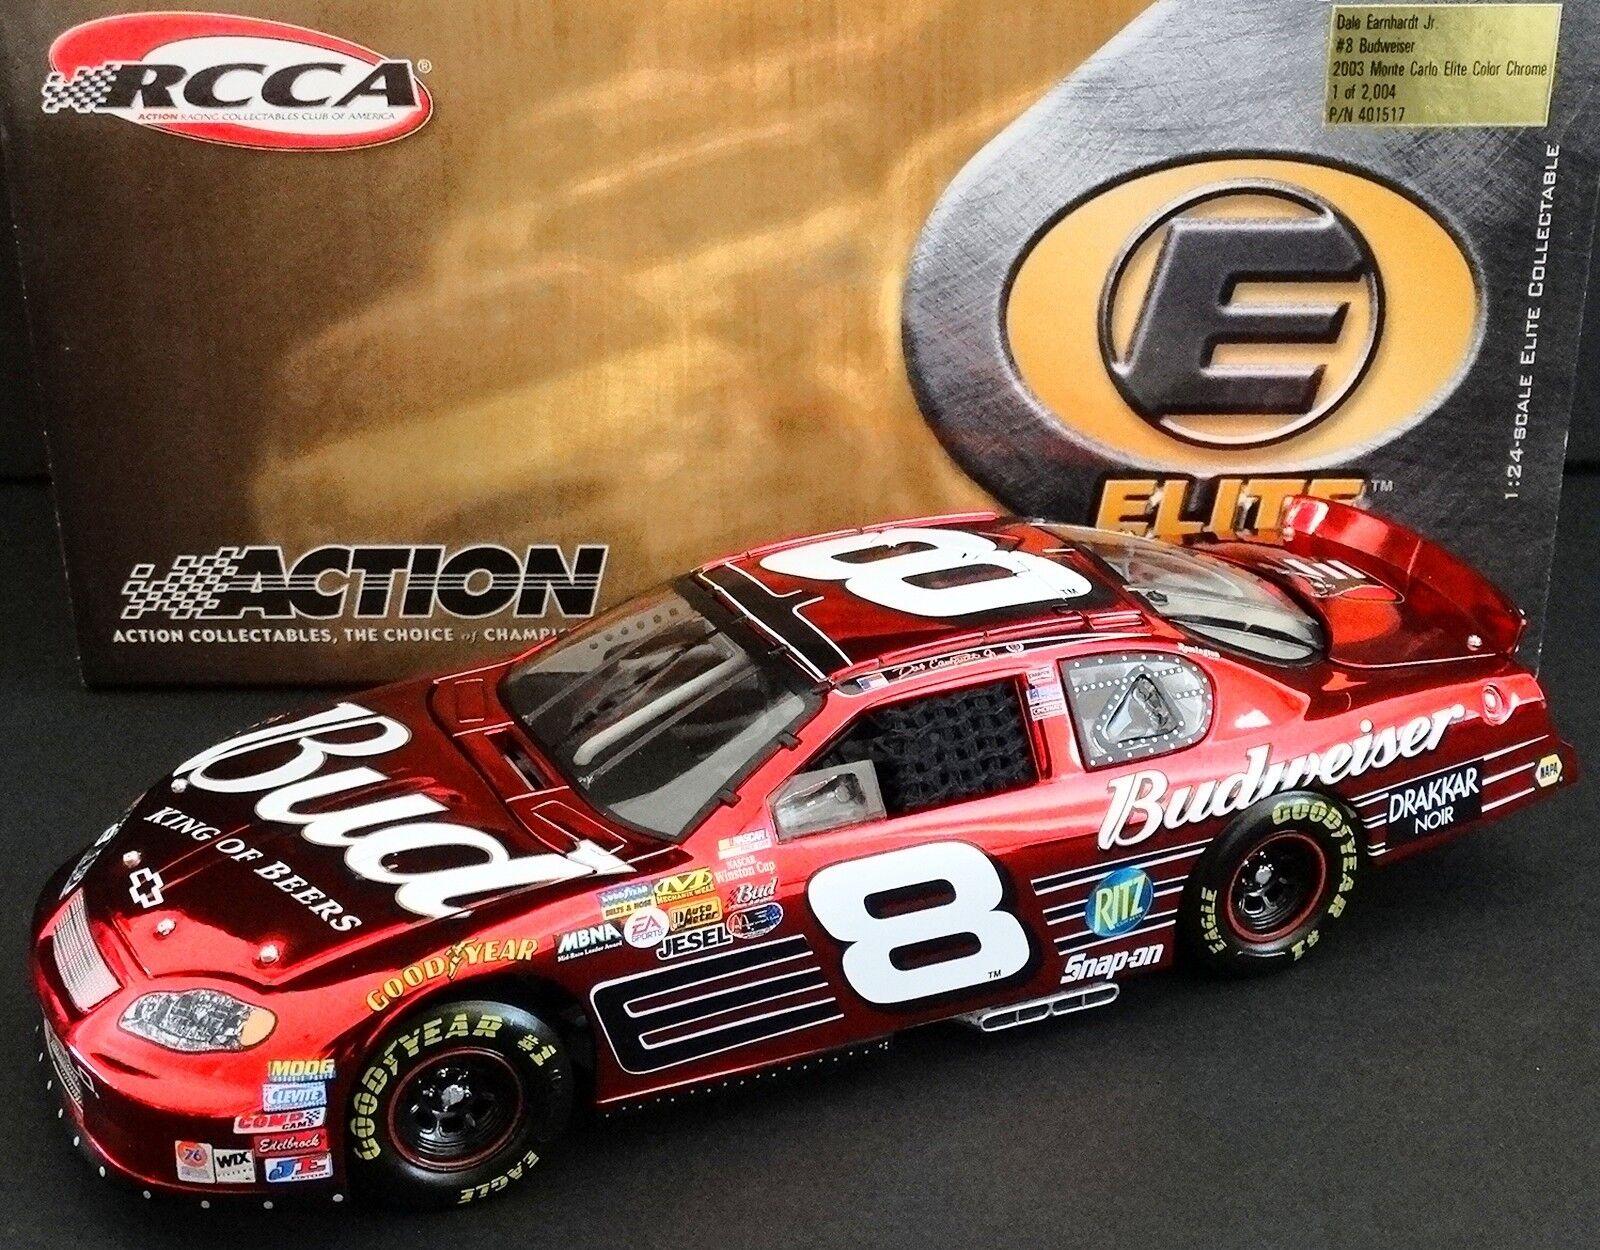 Dale Earnhardt, Jr.  8 Budweiser 1 24 RCCA  ELITE Couleur CHROME 2003 MC 1188 2004  prix équitables